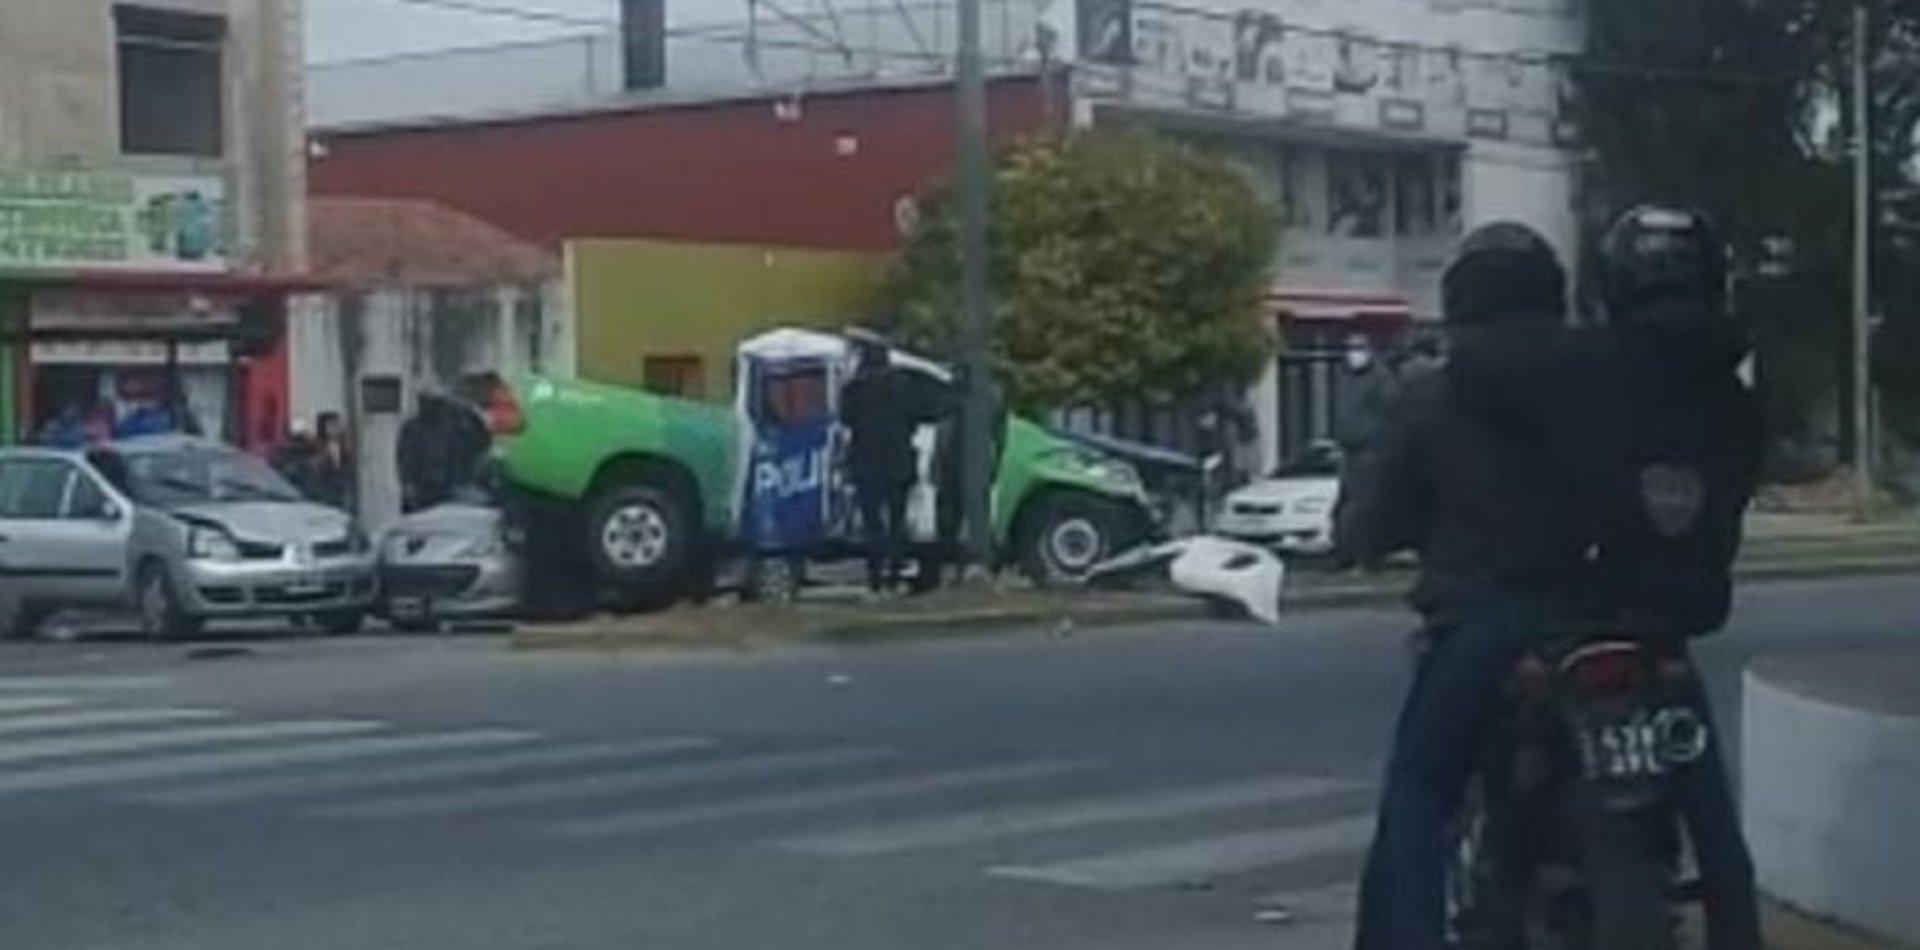 VIDEO: Impresionante accidente múltiple en La Plata con un patrullero involucrado